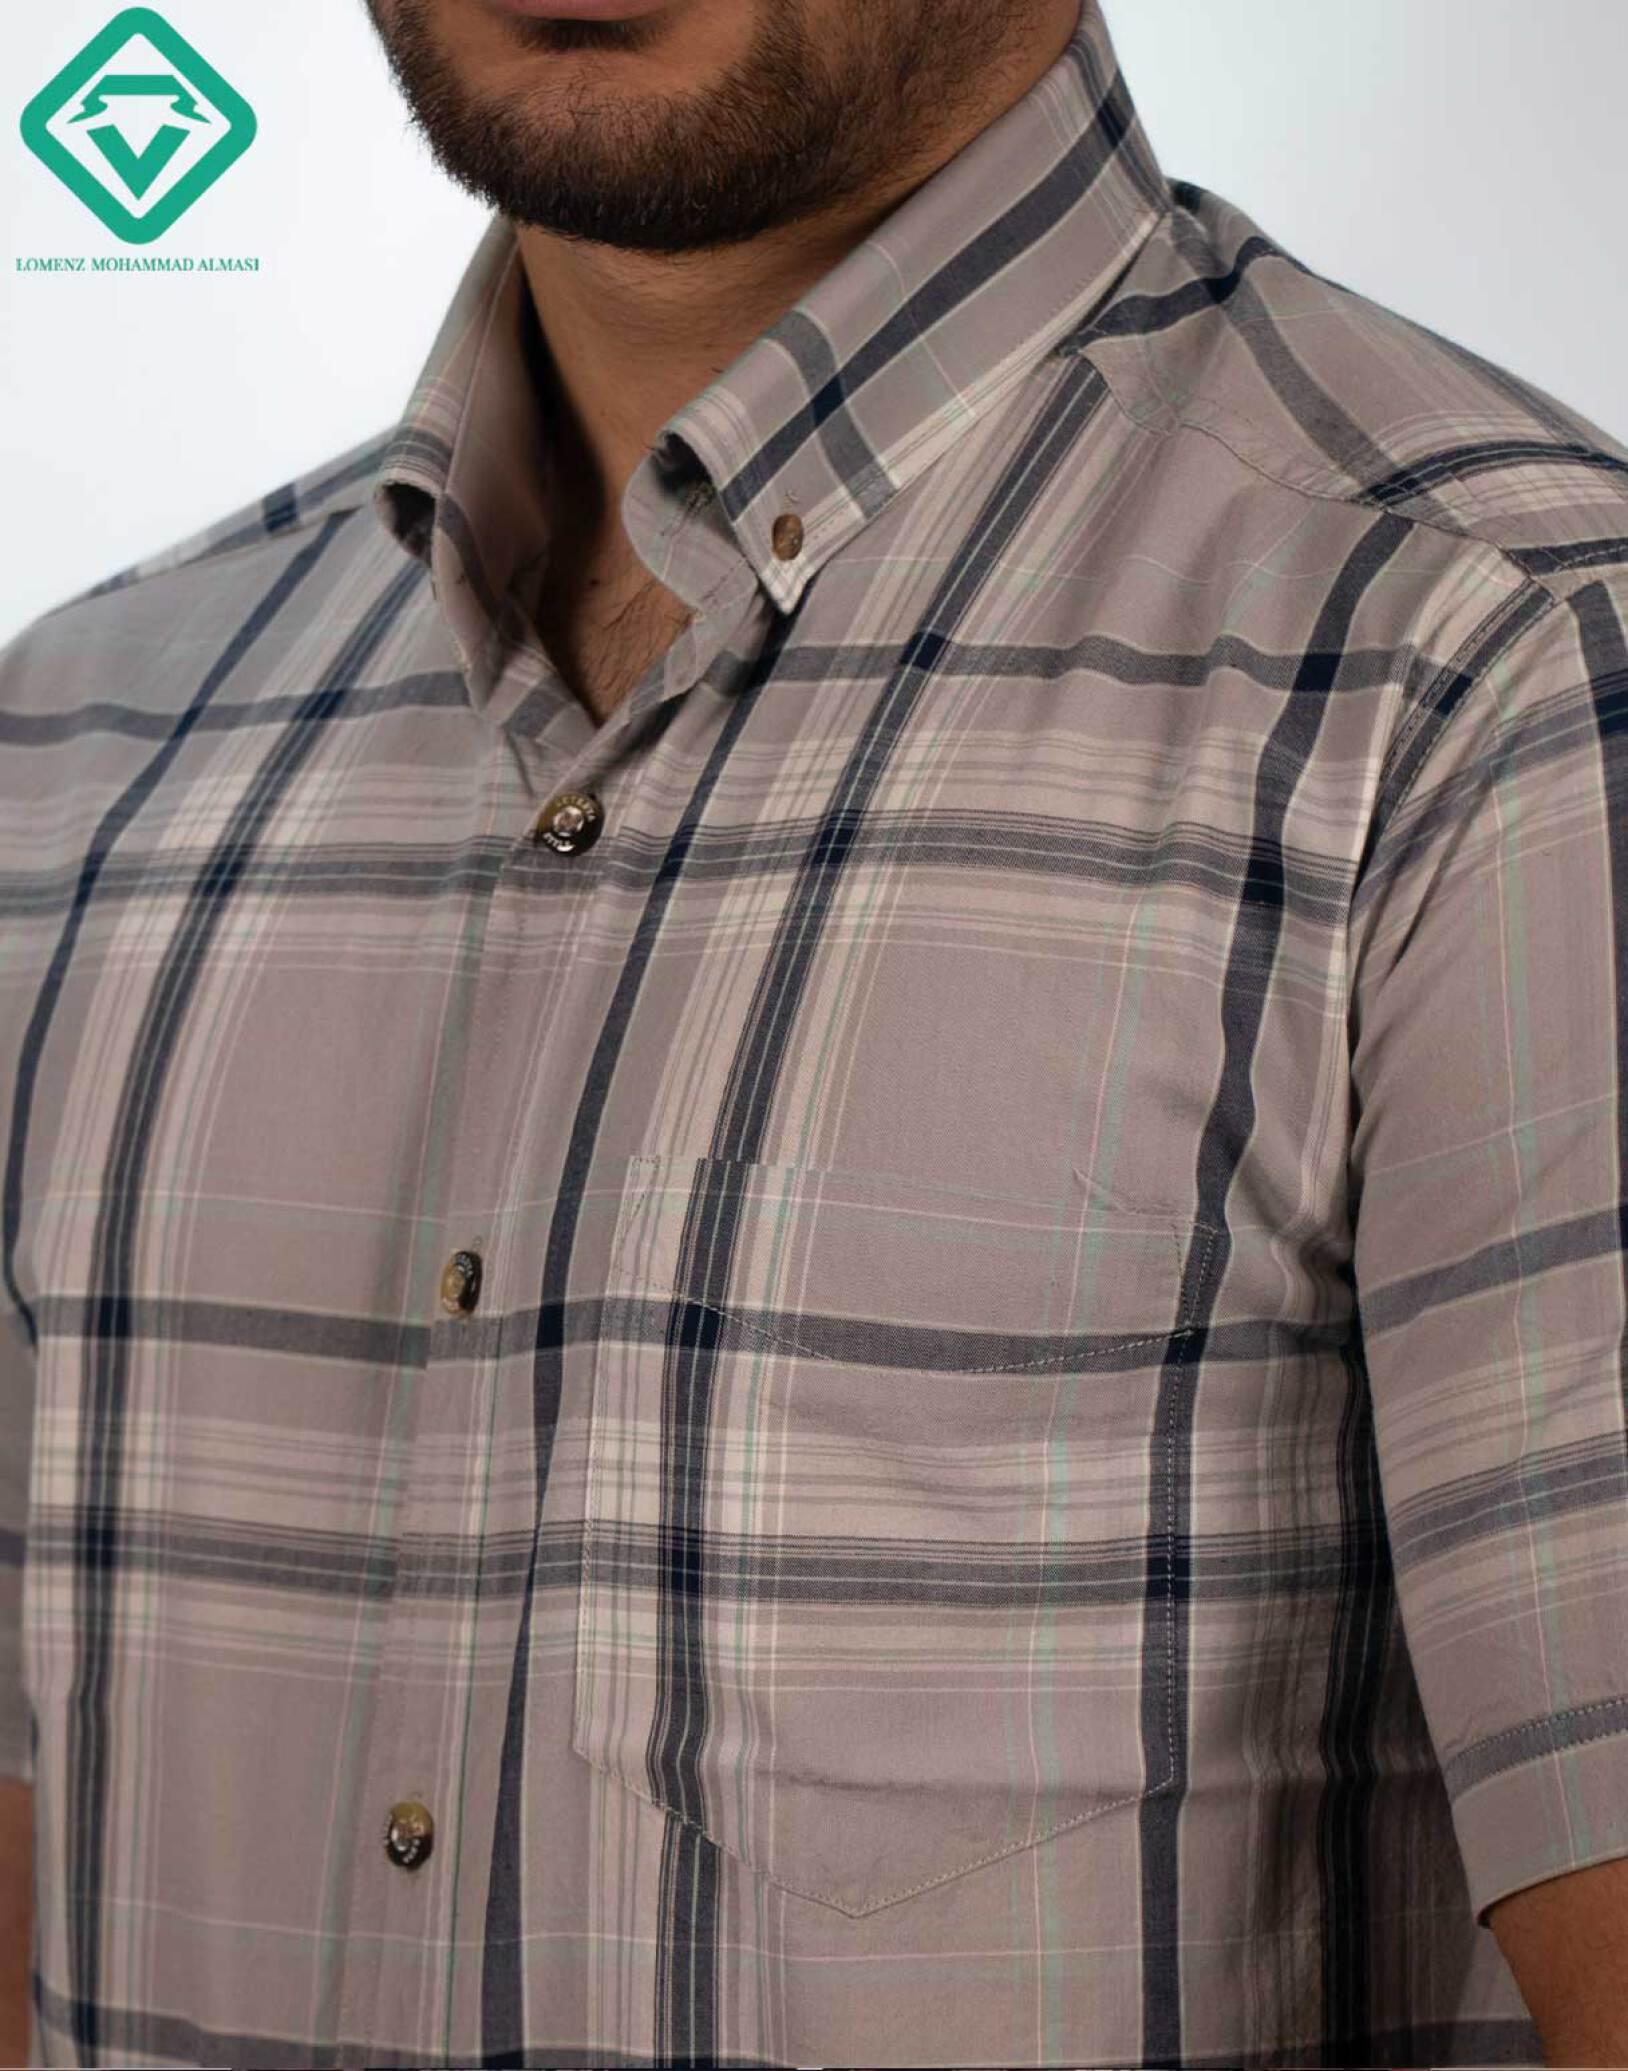 پیراهن اسپرت چهارخونه کد 012 تولید شده توسط سایت لومنز